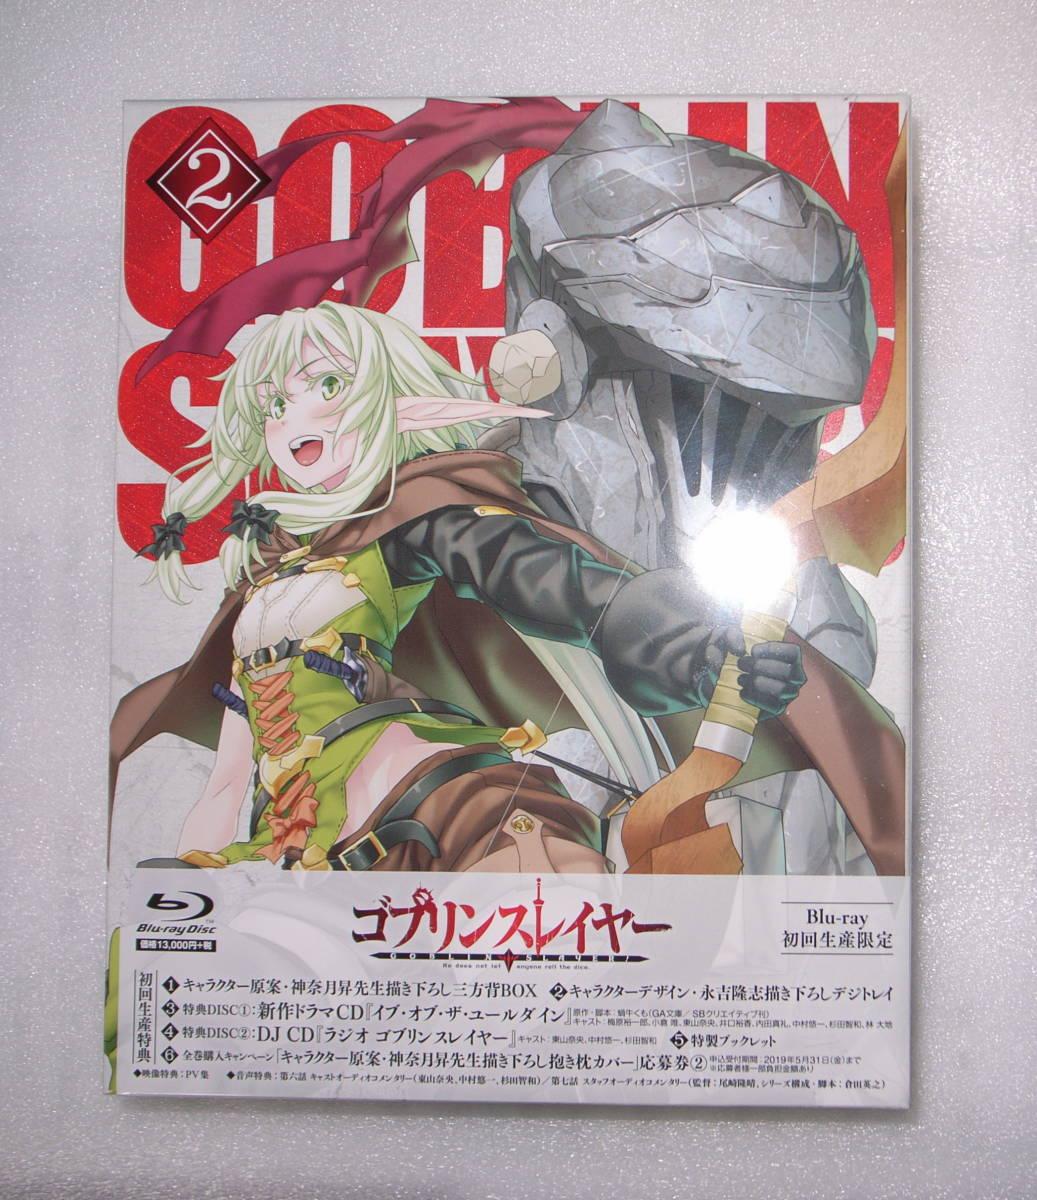 ゴブリンスレイヤー Blu-ray(BD)全巻(第1-3巻) 初回生産限定版_画像2